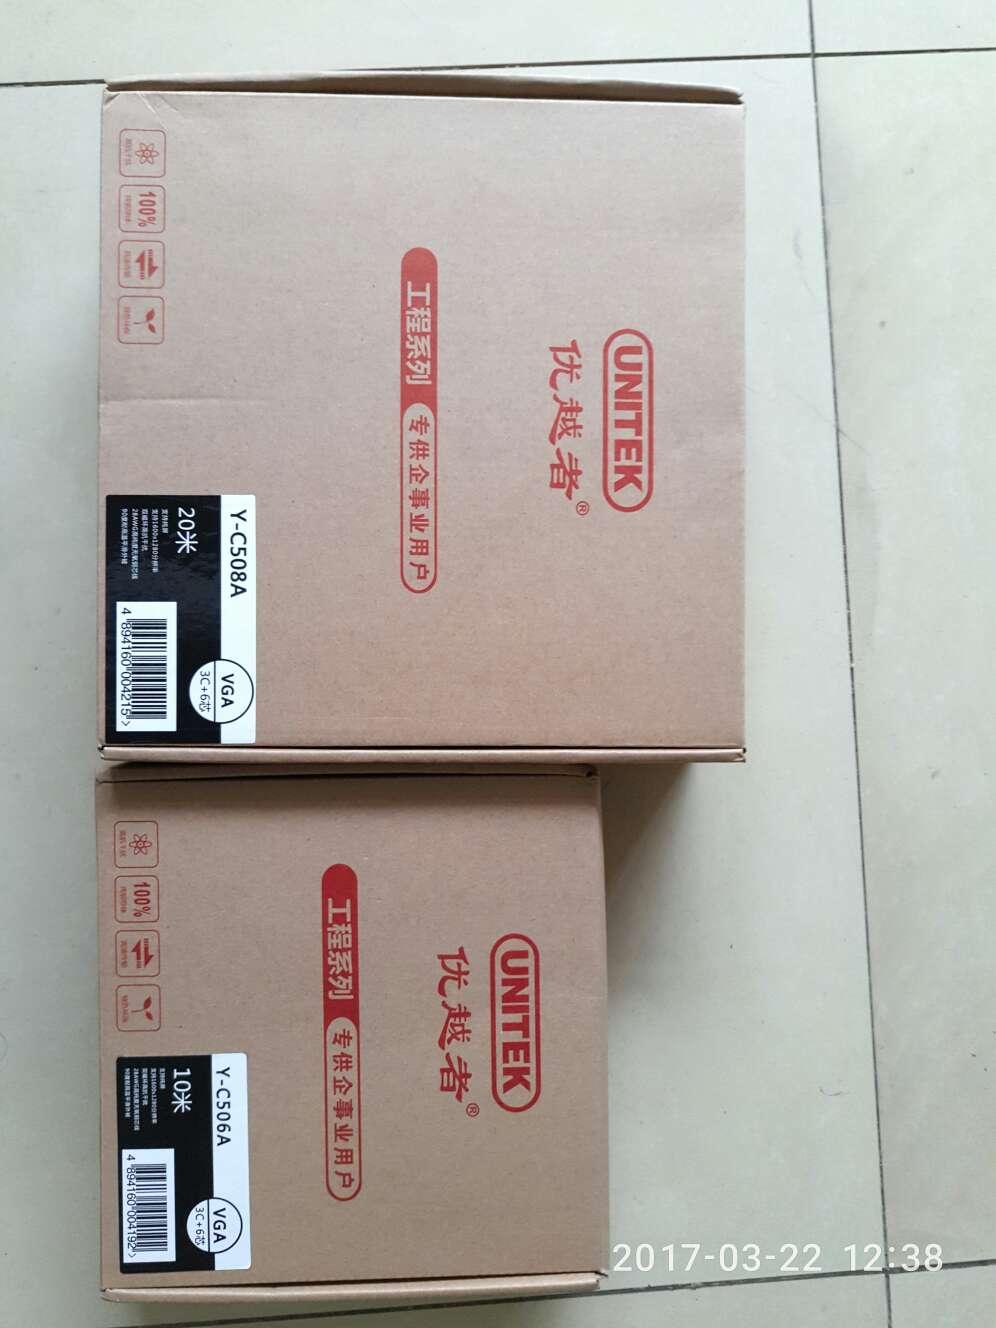 minimus shoes 00287398 onlineshop